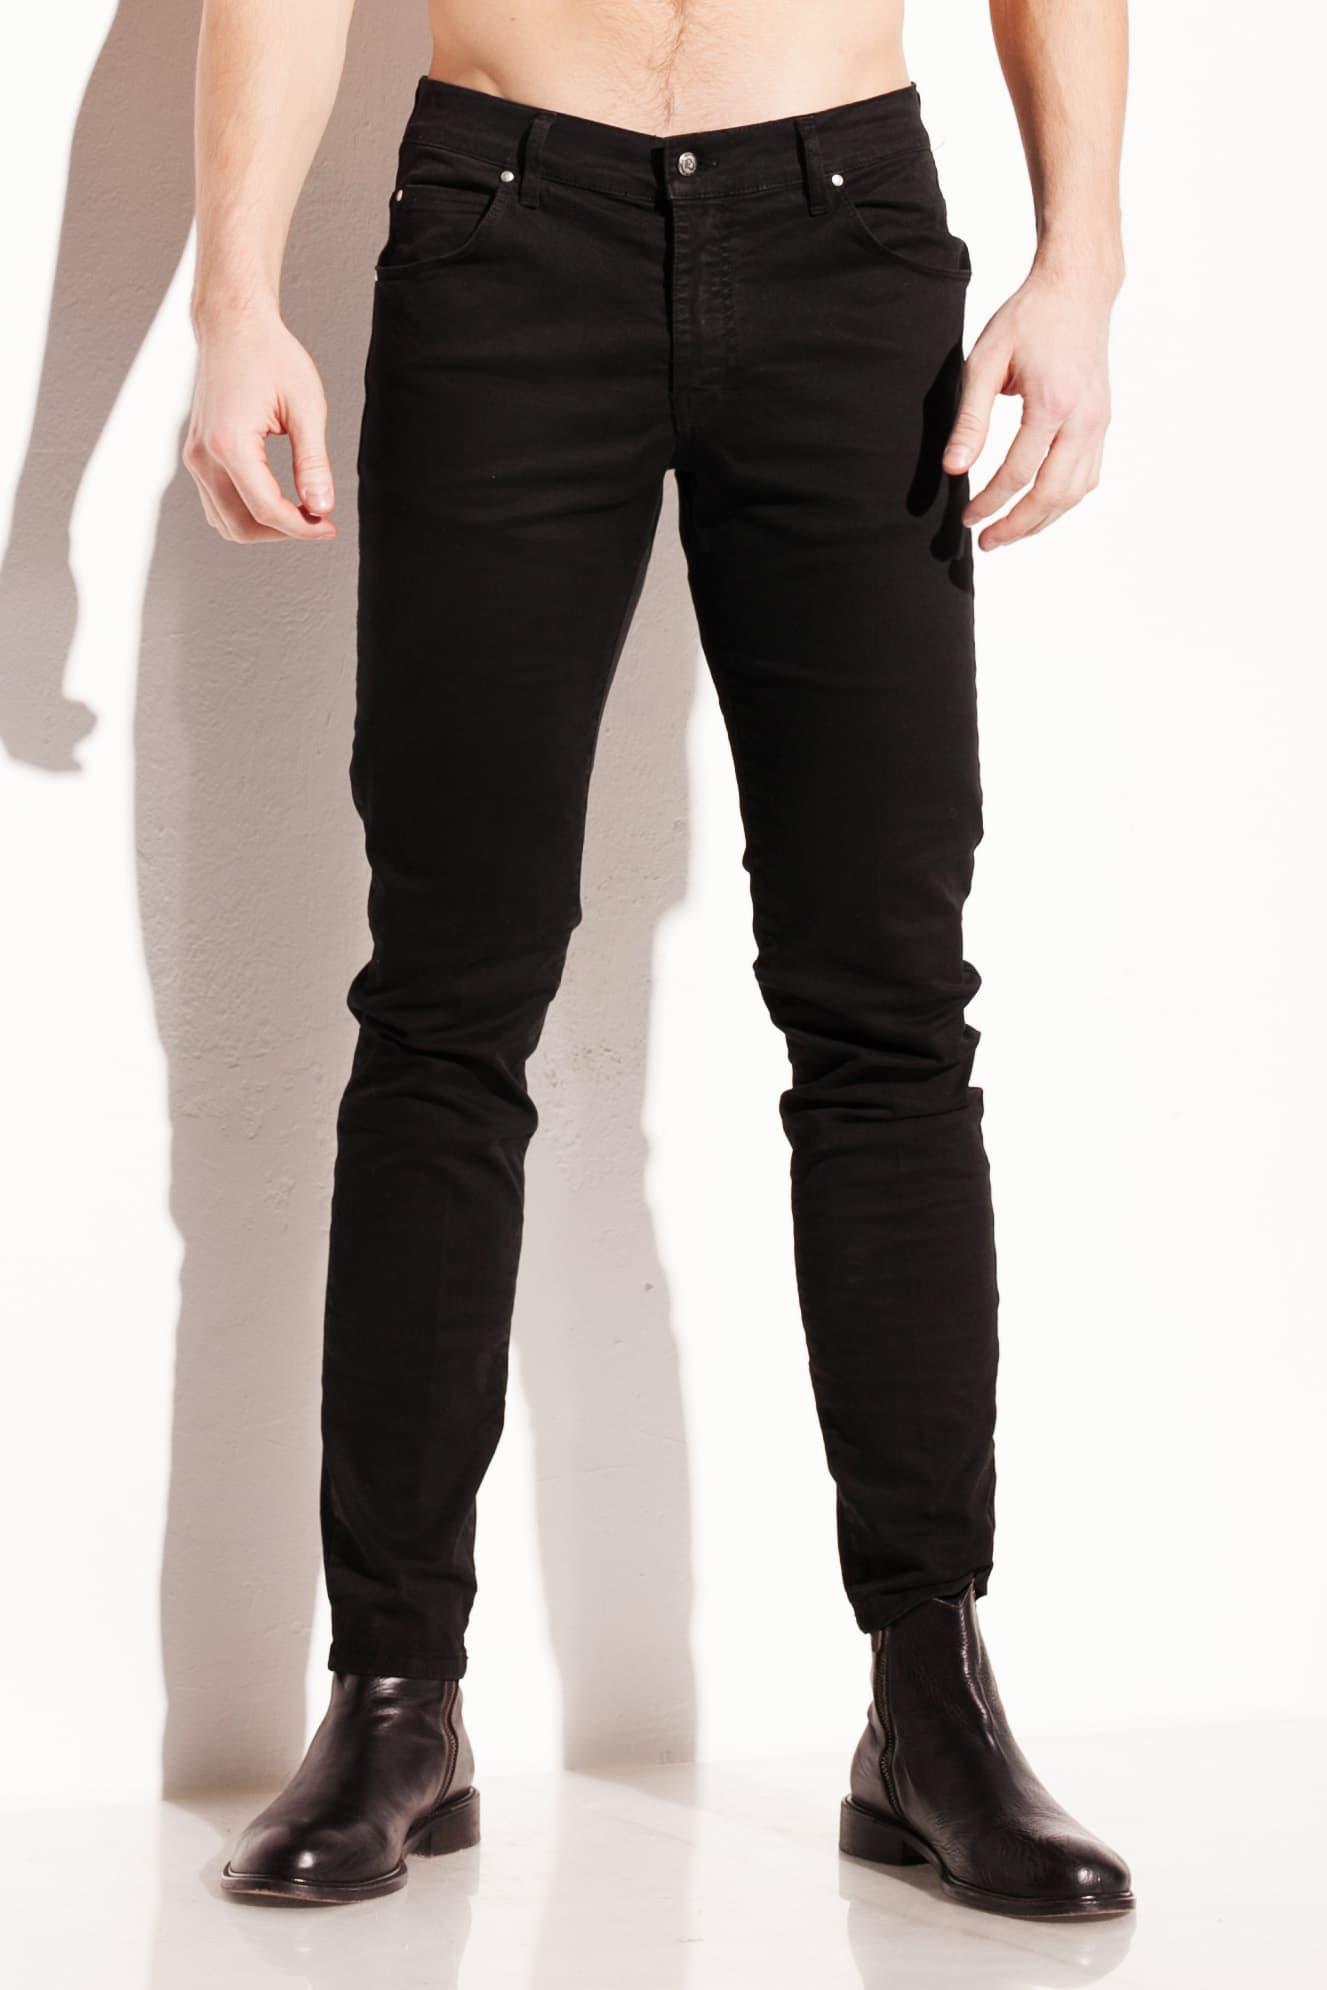 pantalone da uomo nero Chessa Lab